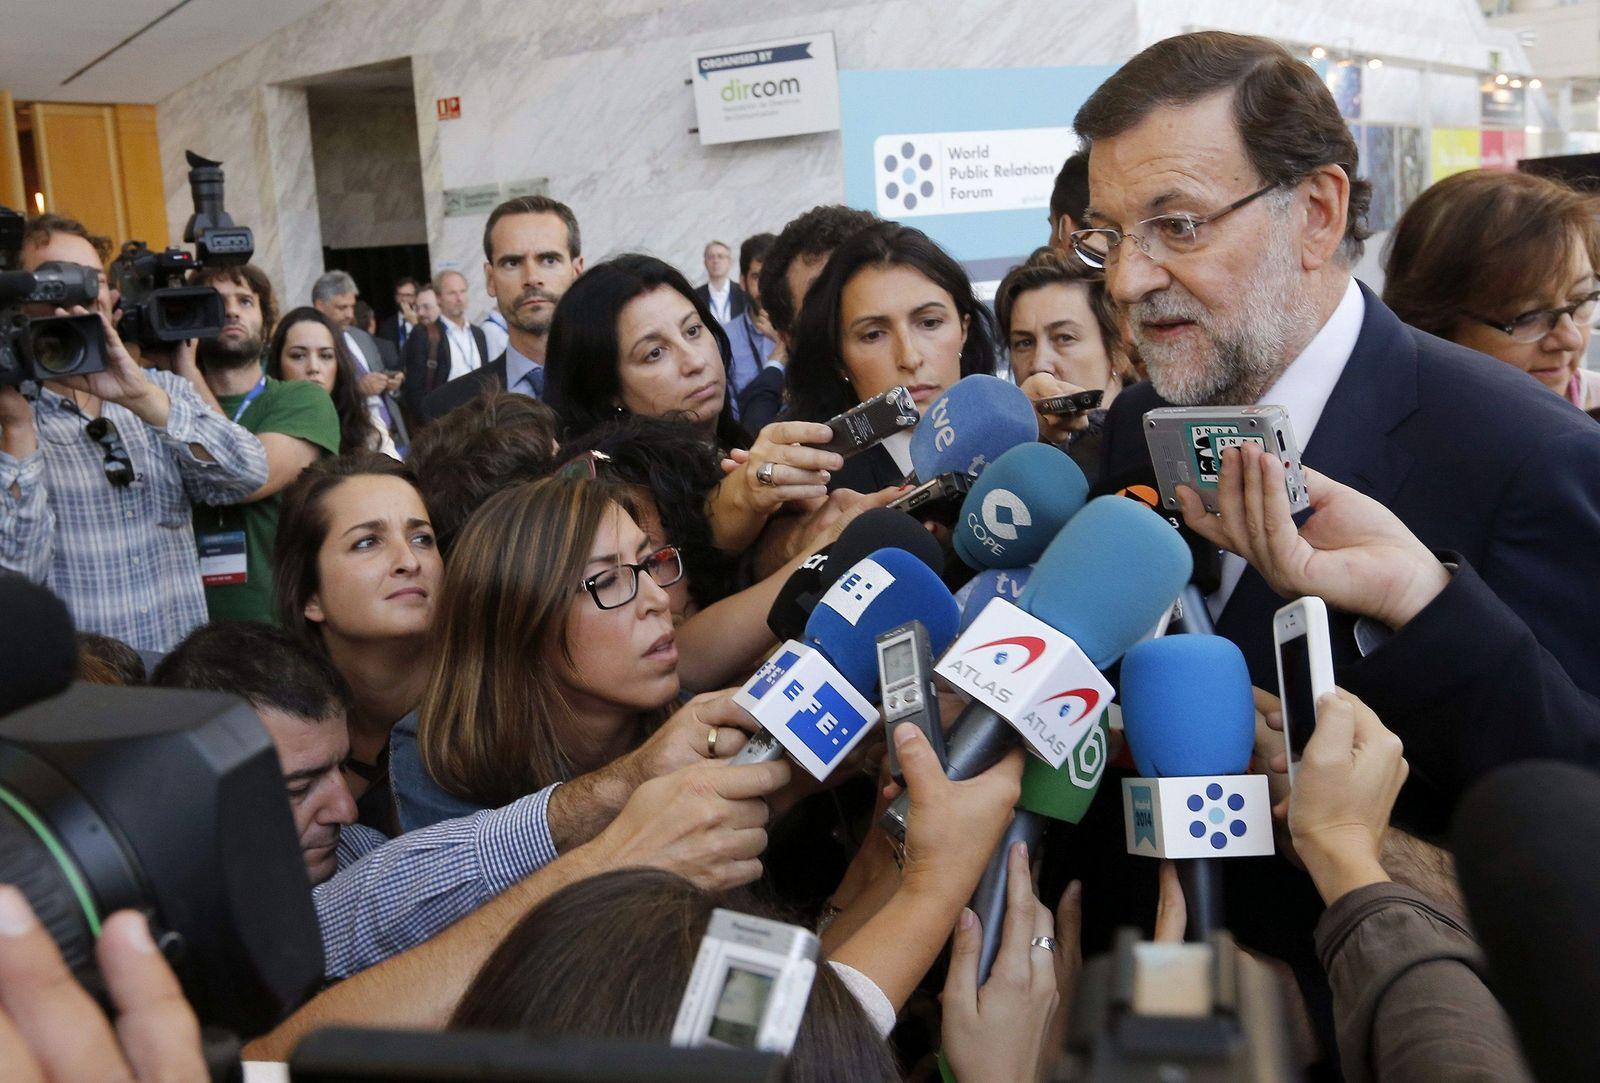 Mariano Rajoy/Spanien